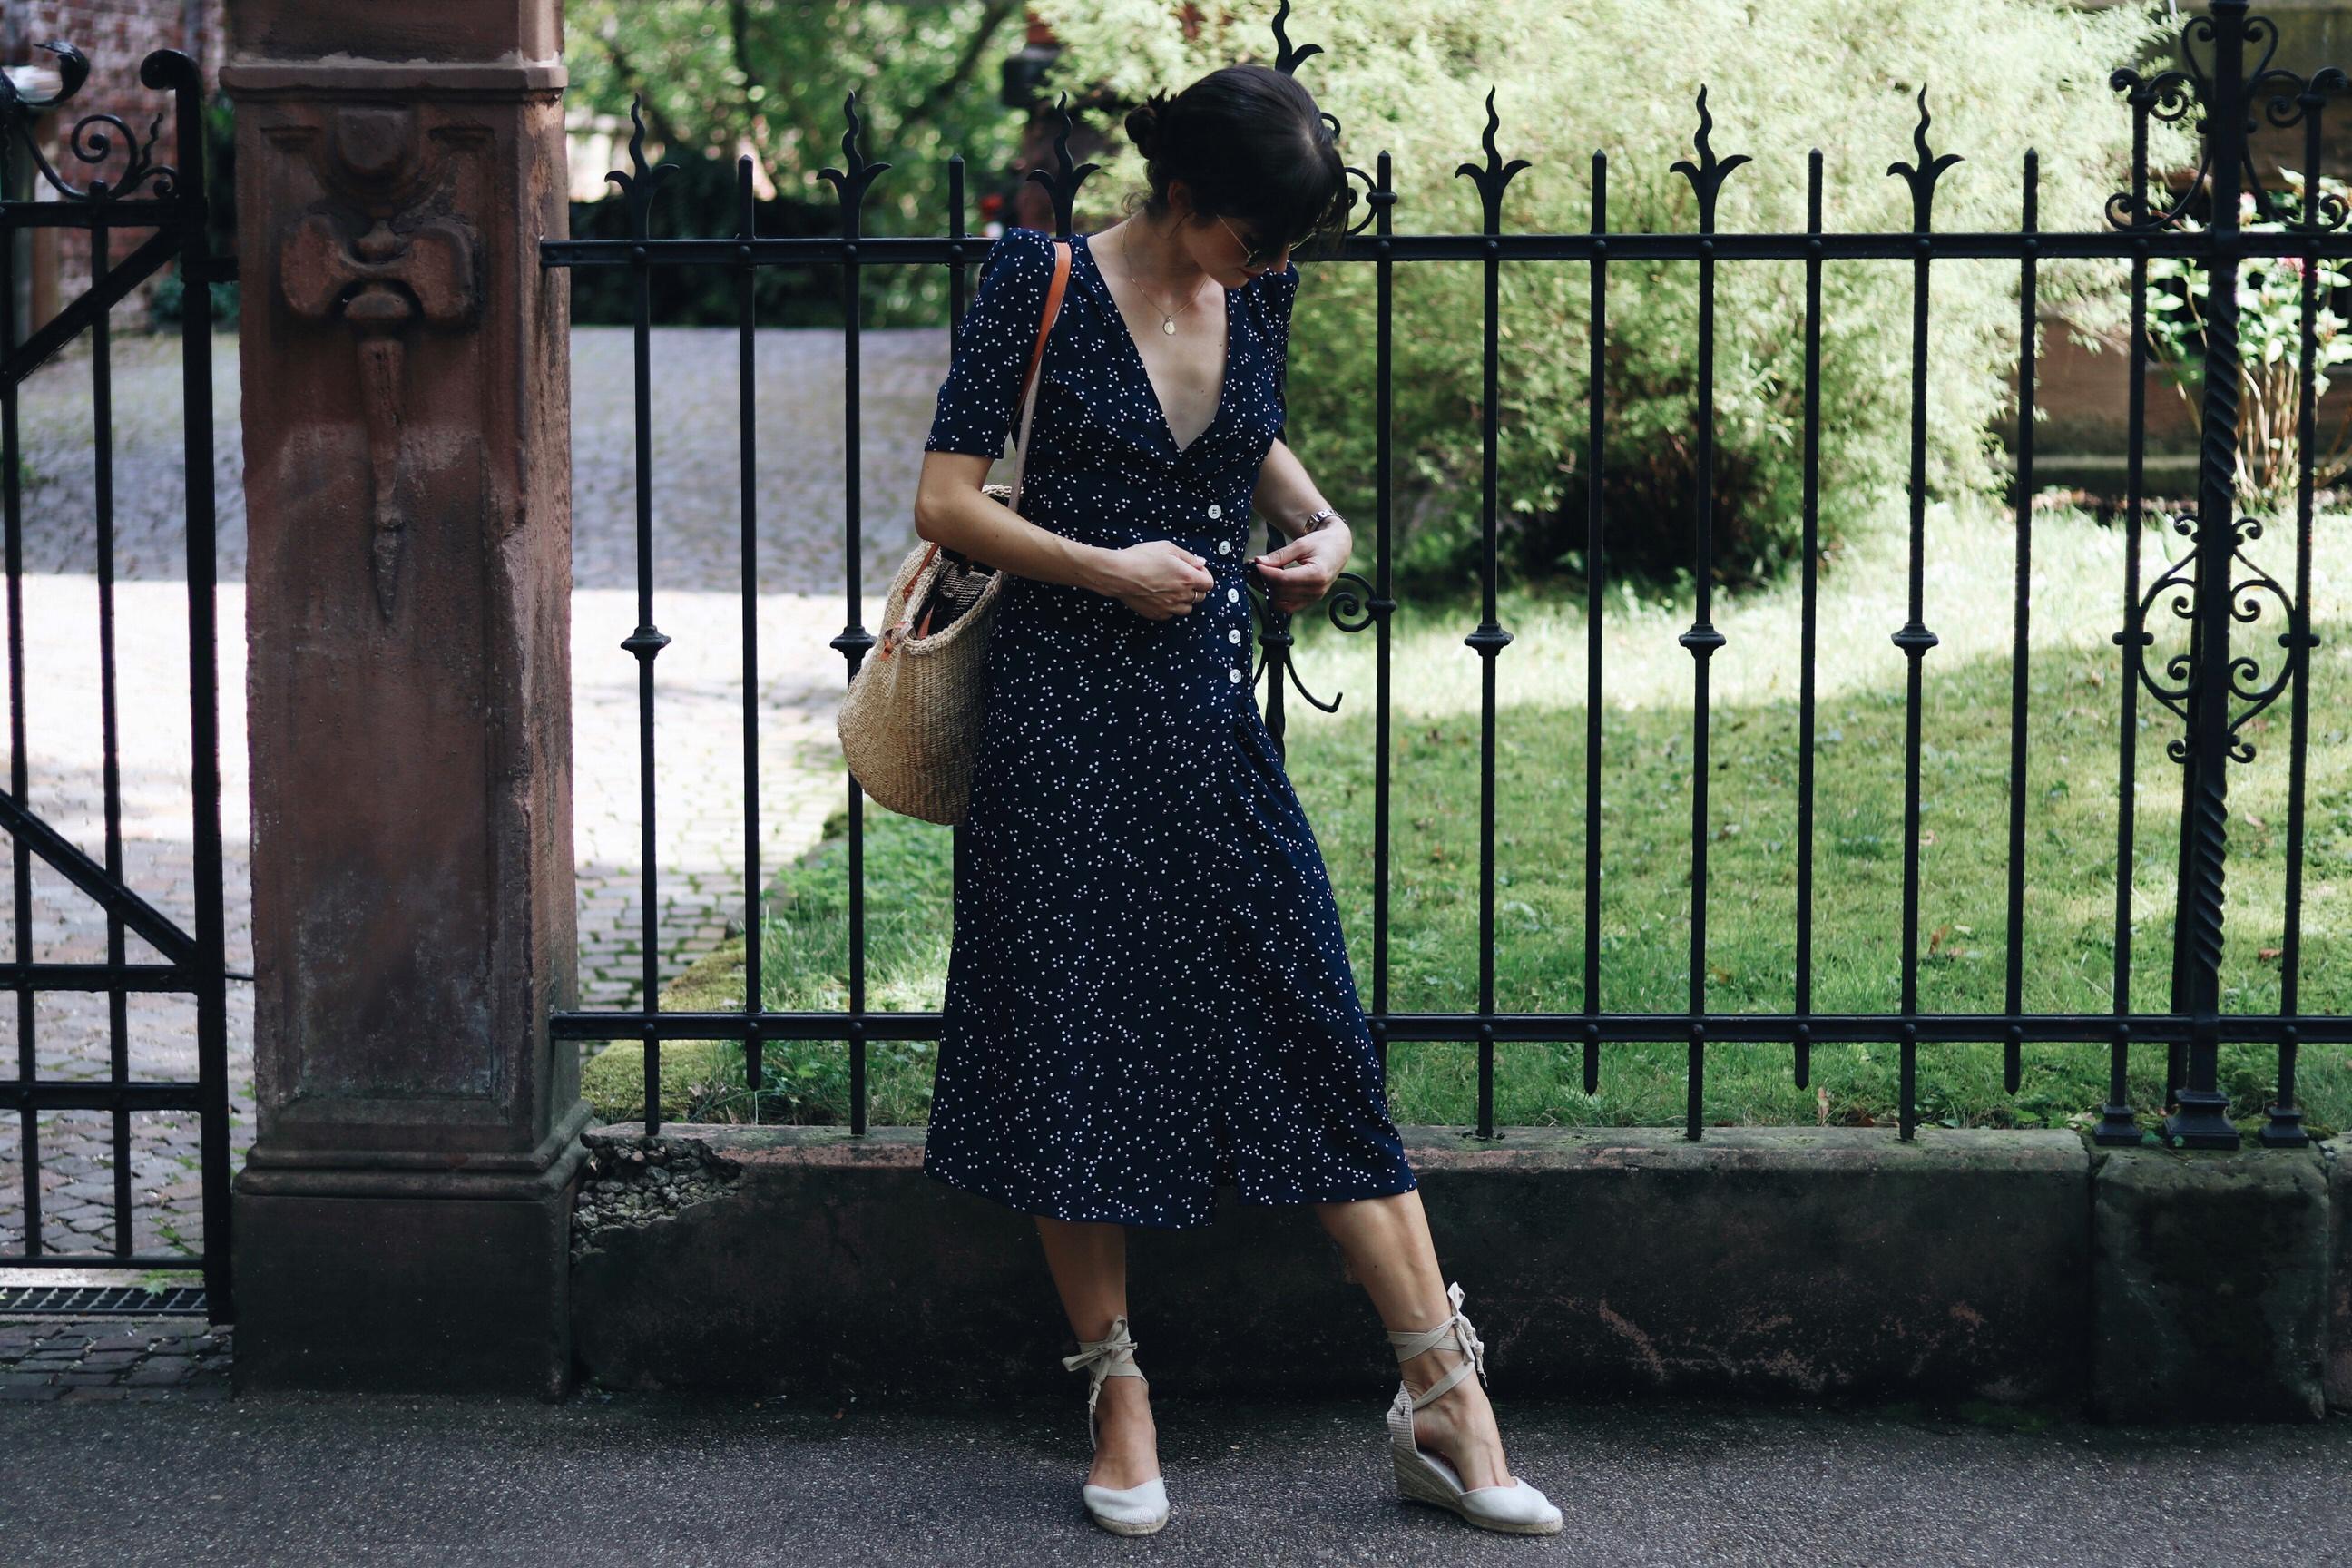 French-Chic-Parisienne-Midikleid-Polka-Dots-Korbtasche-Birkin-Basket-Espadrilles-Wickelkleid-Sonnenbrille-Ray-Ban-Fashionlook-Sommertrends-modeblog